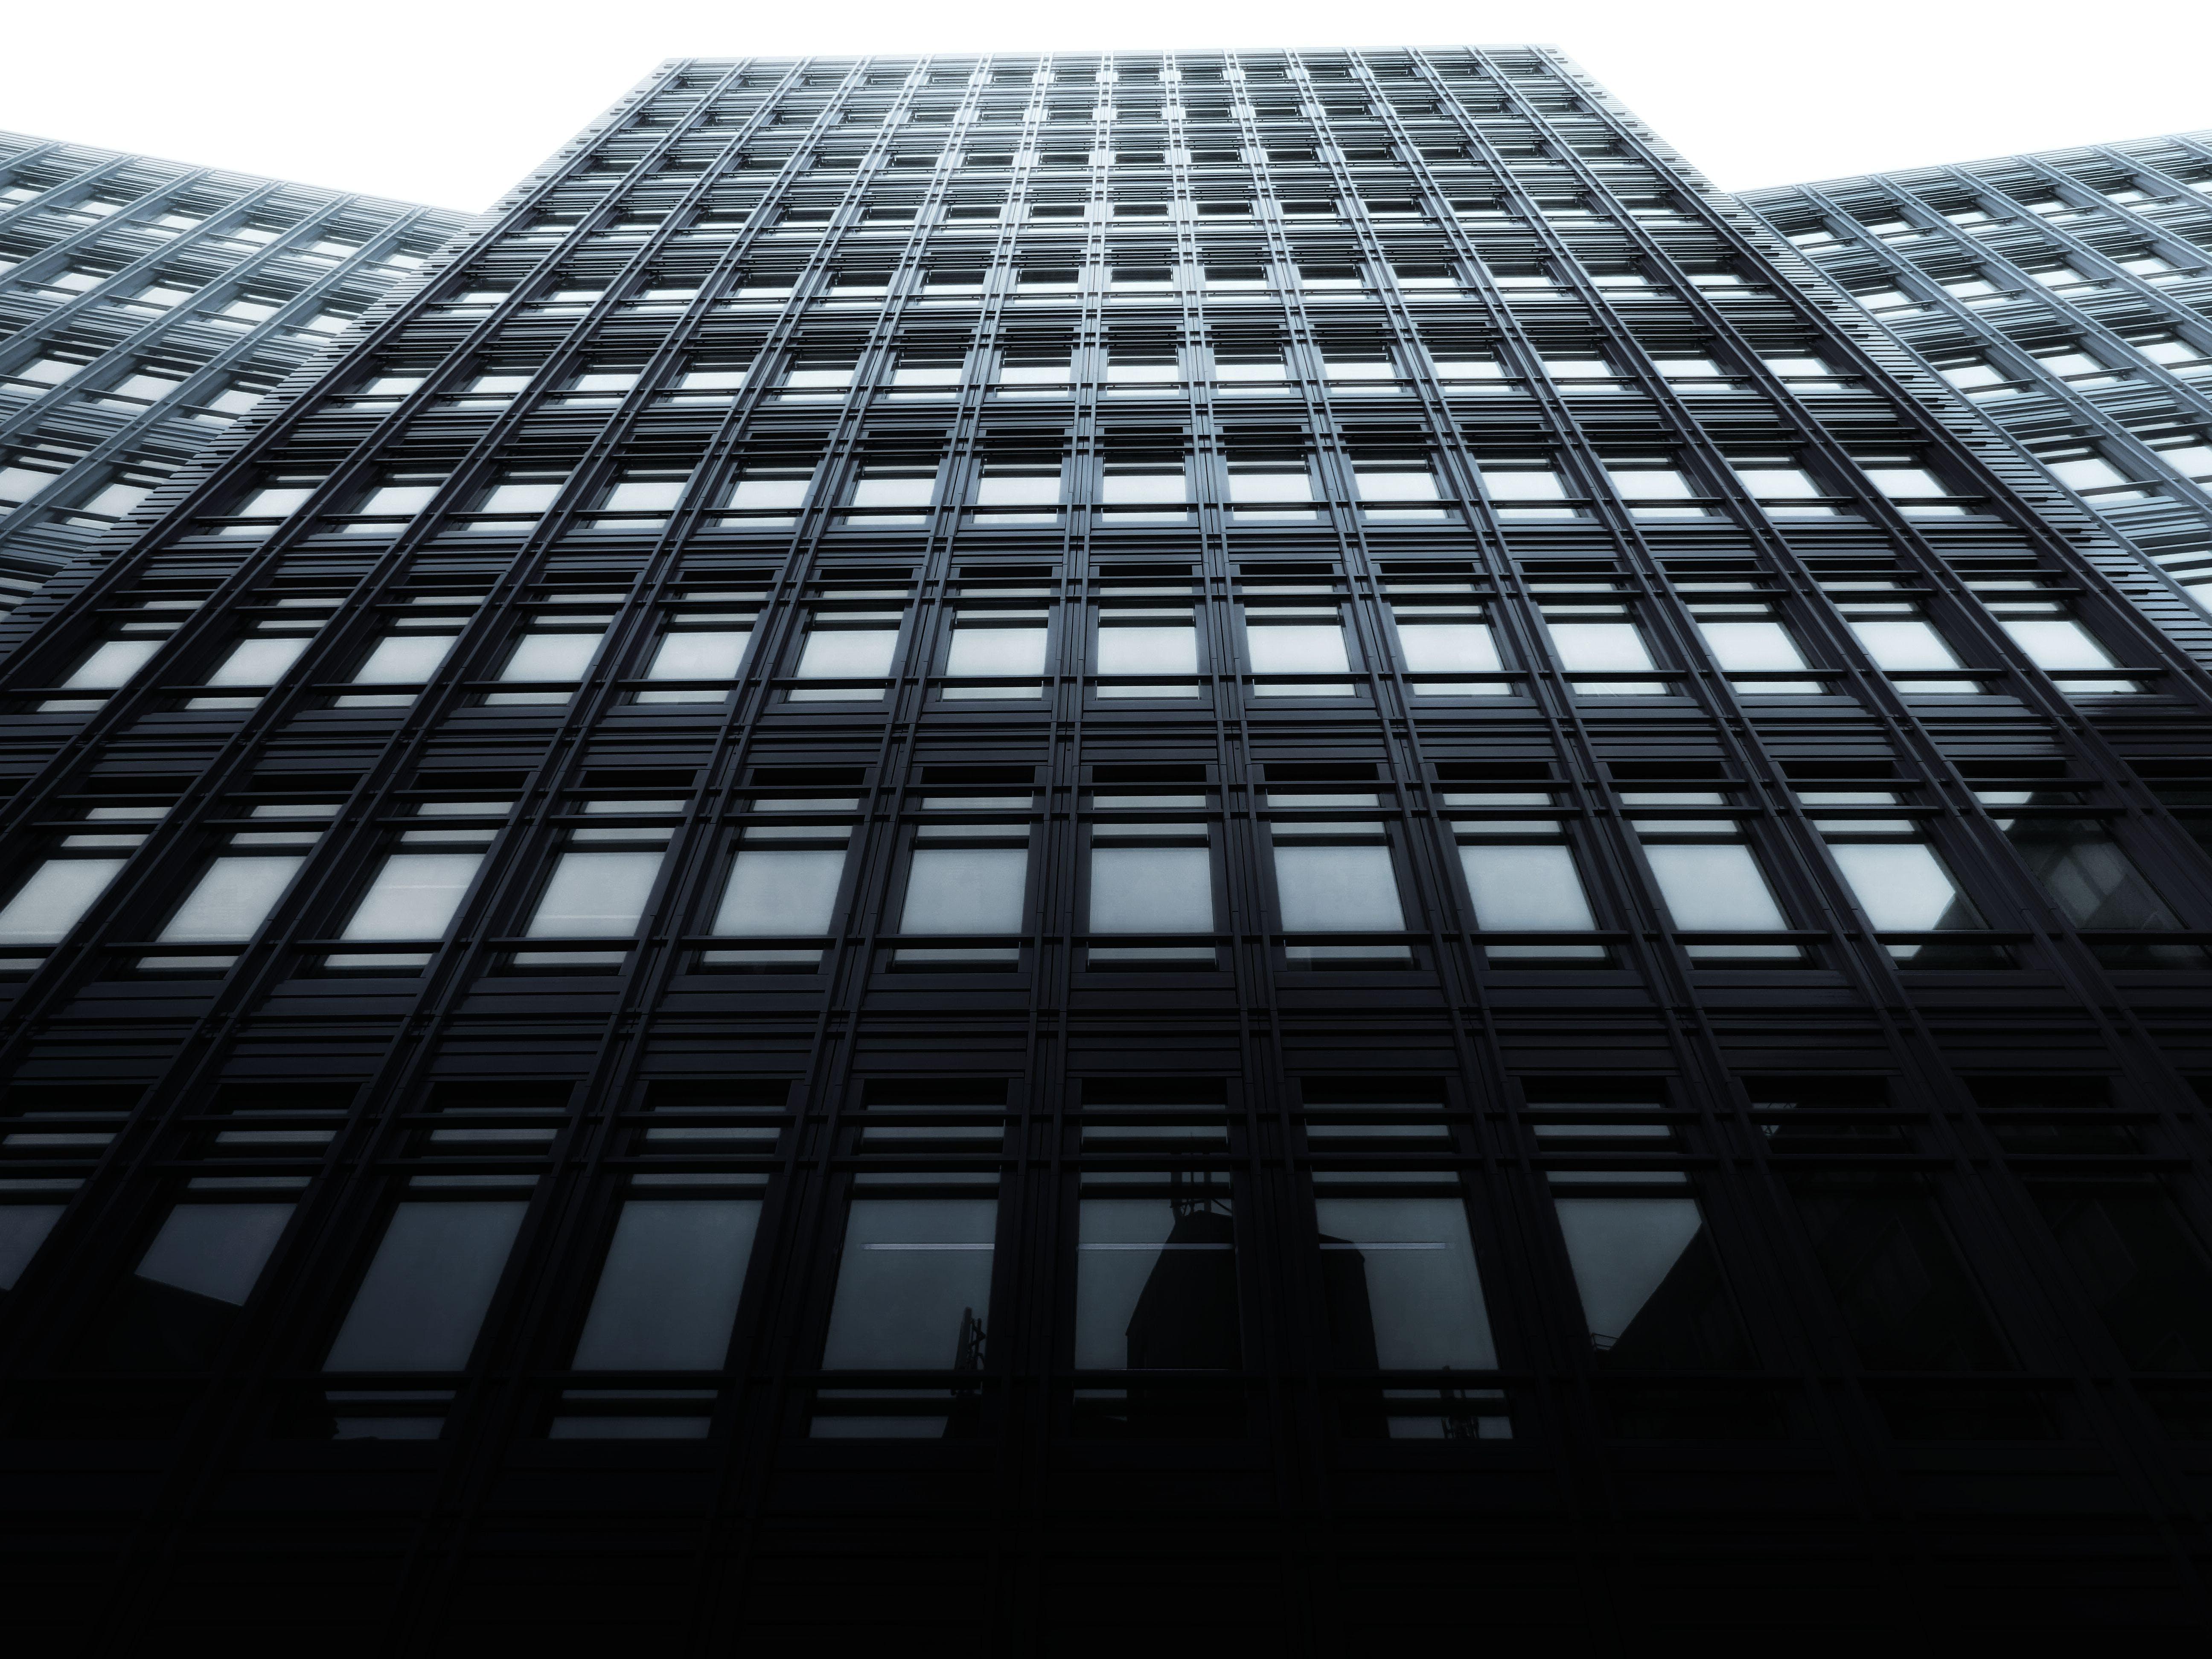 강철, 건물, 건물 외관, 건설의 무료 스톡 사진